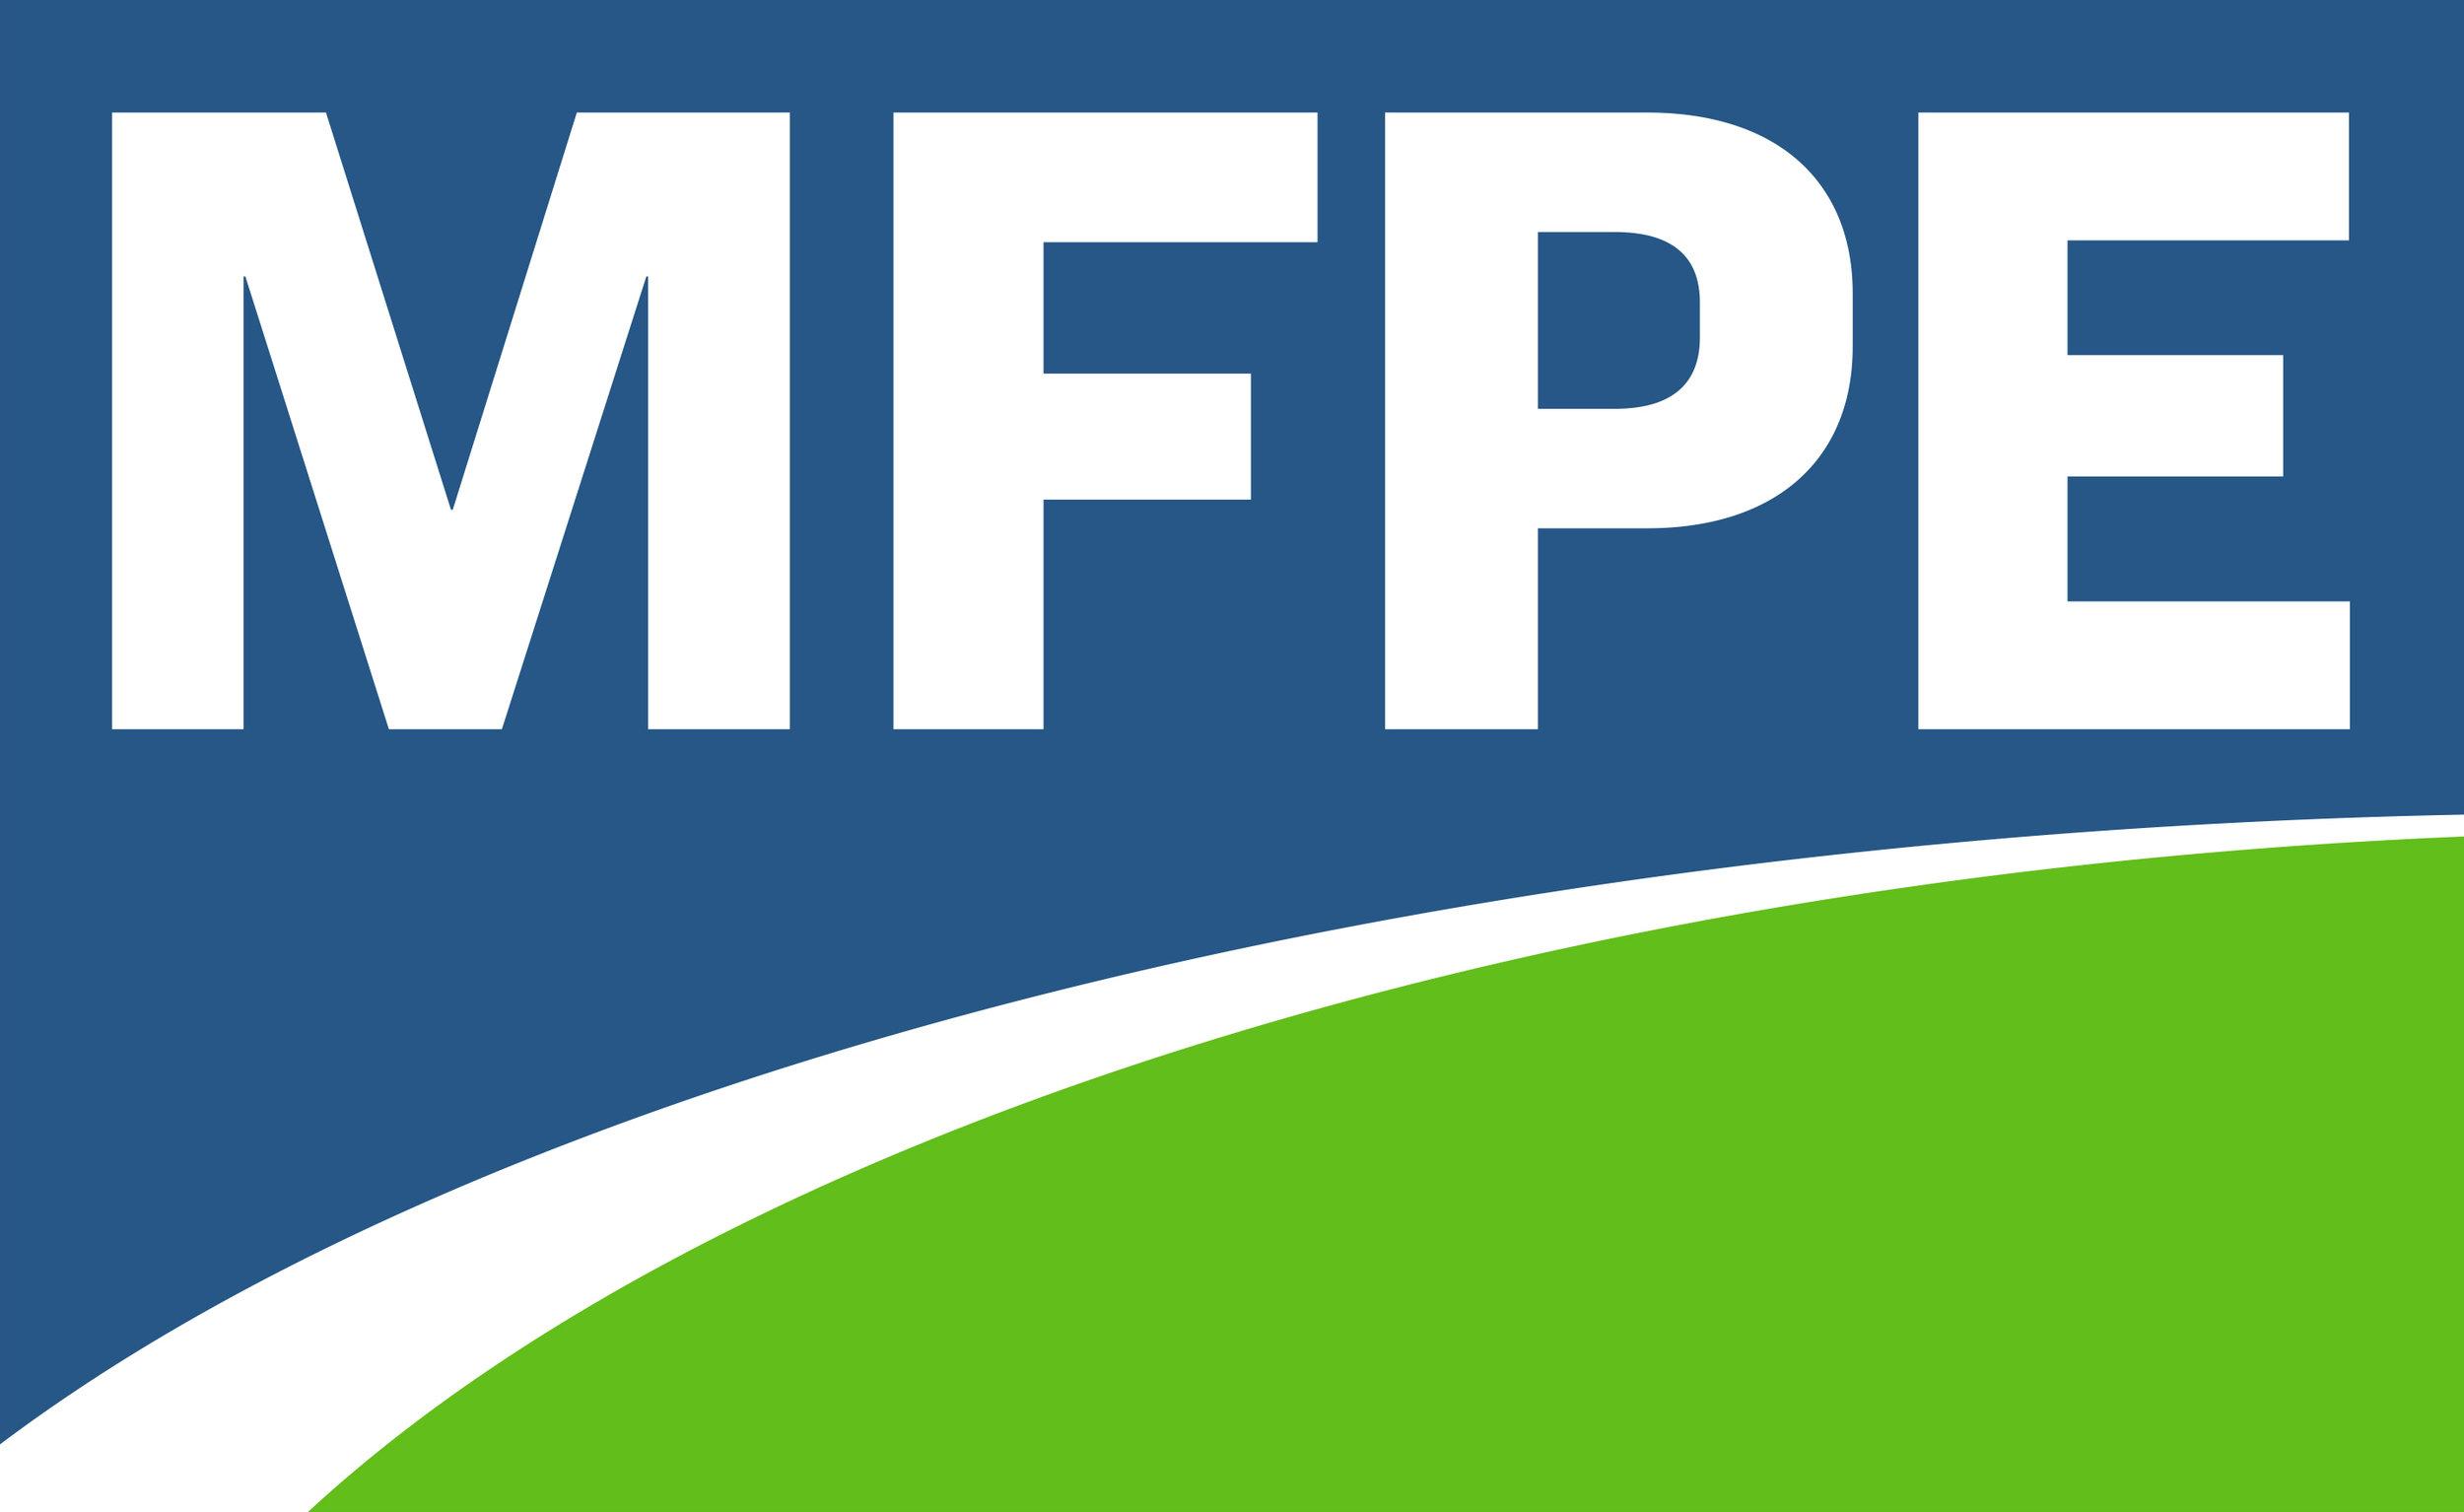 logo - no type.jpg